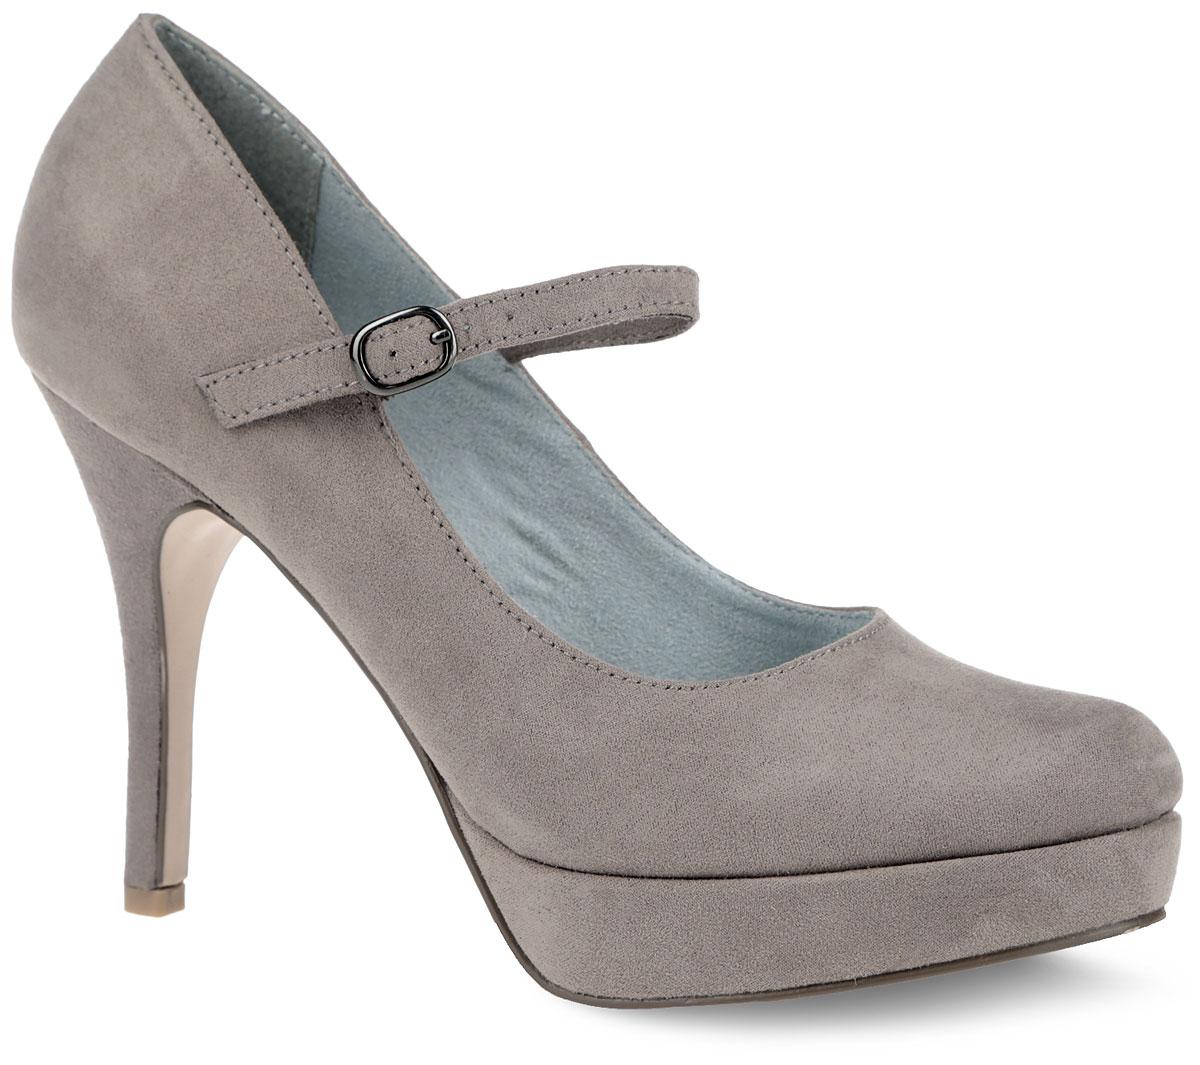 Туфли женские. 1-1-24409-26-3431-1-24409-26-343Восхитительные туфли от Tamaris не оставят вас равнодушной. Модель выполнена из приятного на ощупь текстиля. Ремешок с закругленной металлической пряжкой отвечает за надежную фиксацию модели на ноге. Подкладка, изготовленная из текстиля, и стелька из искусственной кожи обеспечивают максимальный комфорт при движении. Ультравысокий каблук-шпилька компенсирован платформой. Закругленный носок добавит женственности в ваш образ. Подошва оснащена рифлением для лучшей сцепки с поверхностью. Изысканные туфли добавят шика в модный образ и подчеркнут ваш безупречный вкус.